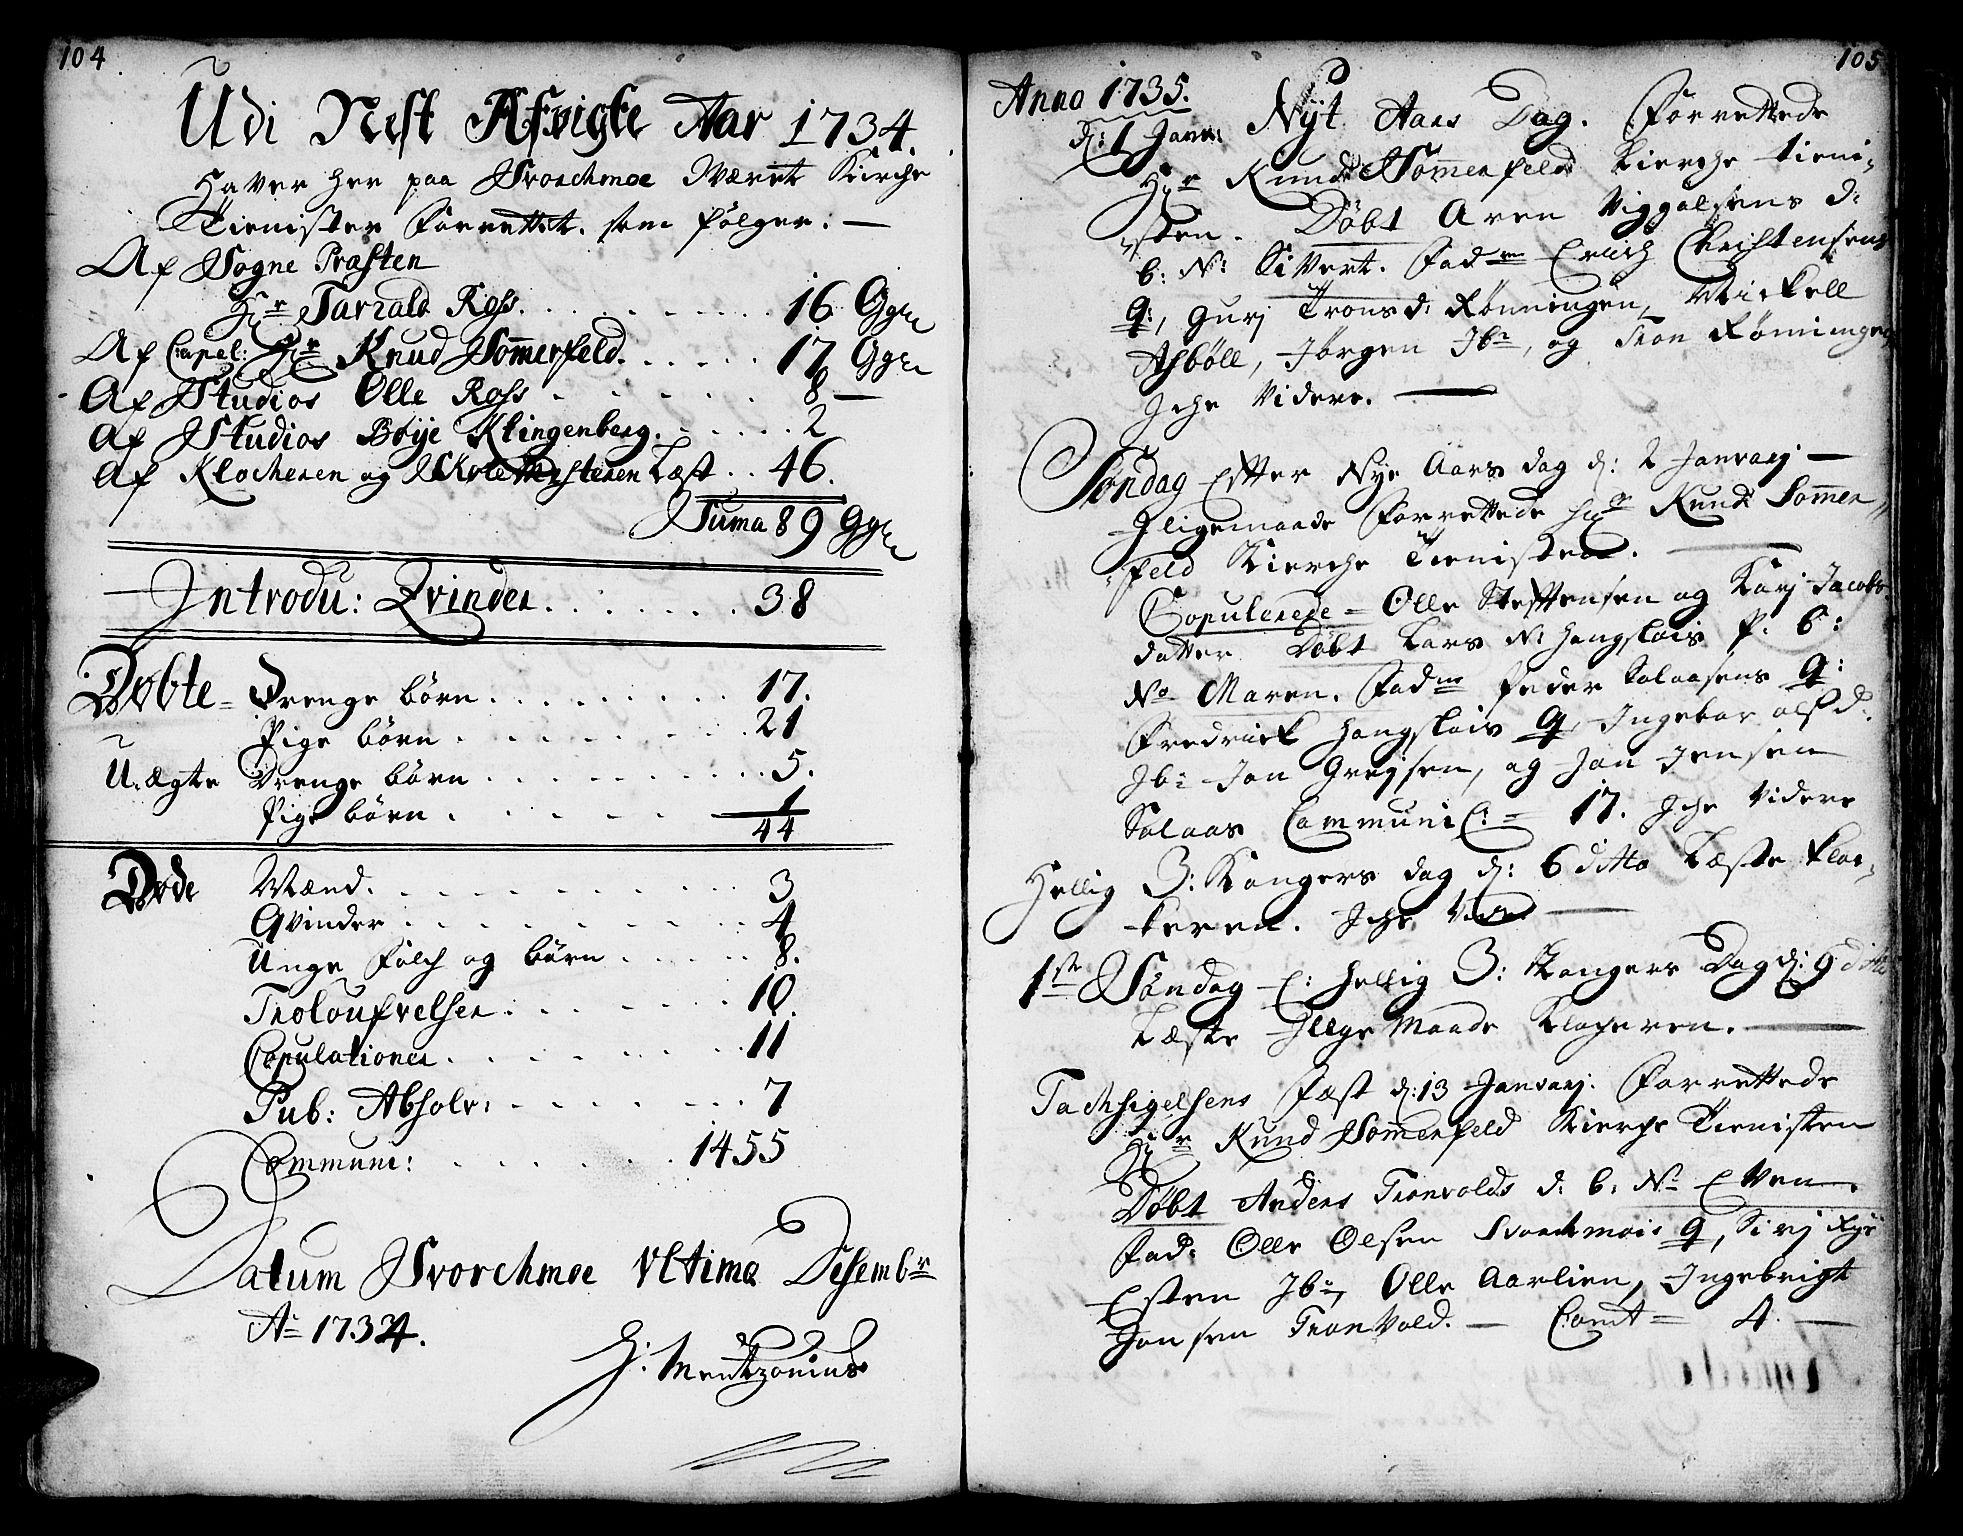 SAT, Ministerialprotokoller, klokkerbøker og fødselsregistre - Sør-Trøndelag, 671/L0839: Ministerialbok nr. 671A01, 1730-1755, s. 104-105